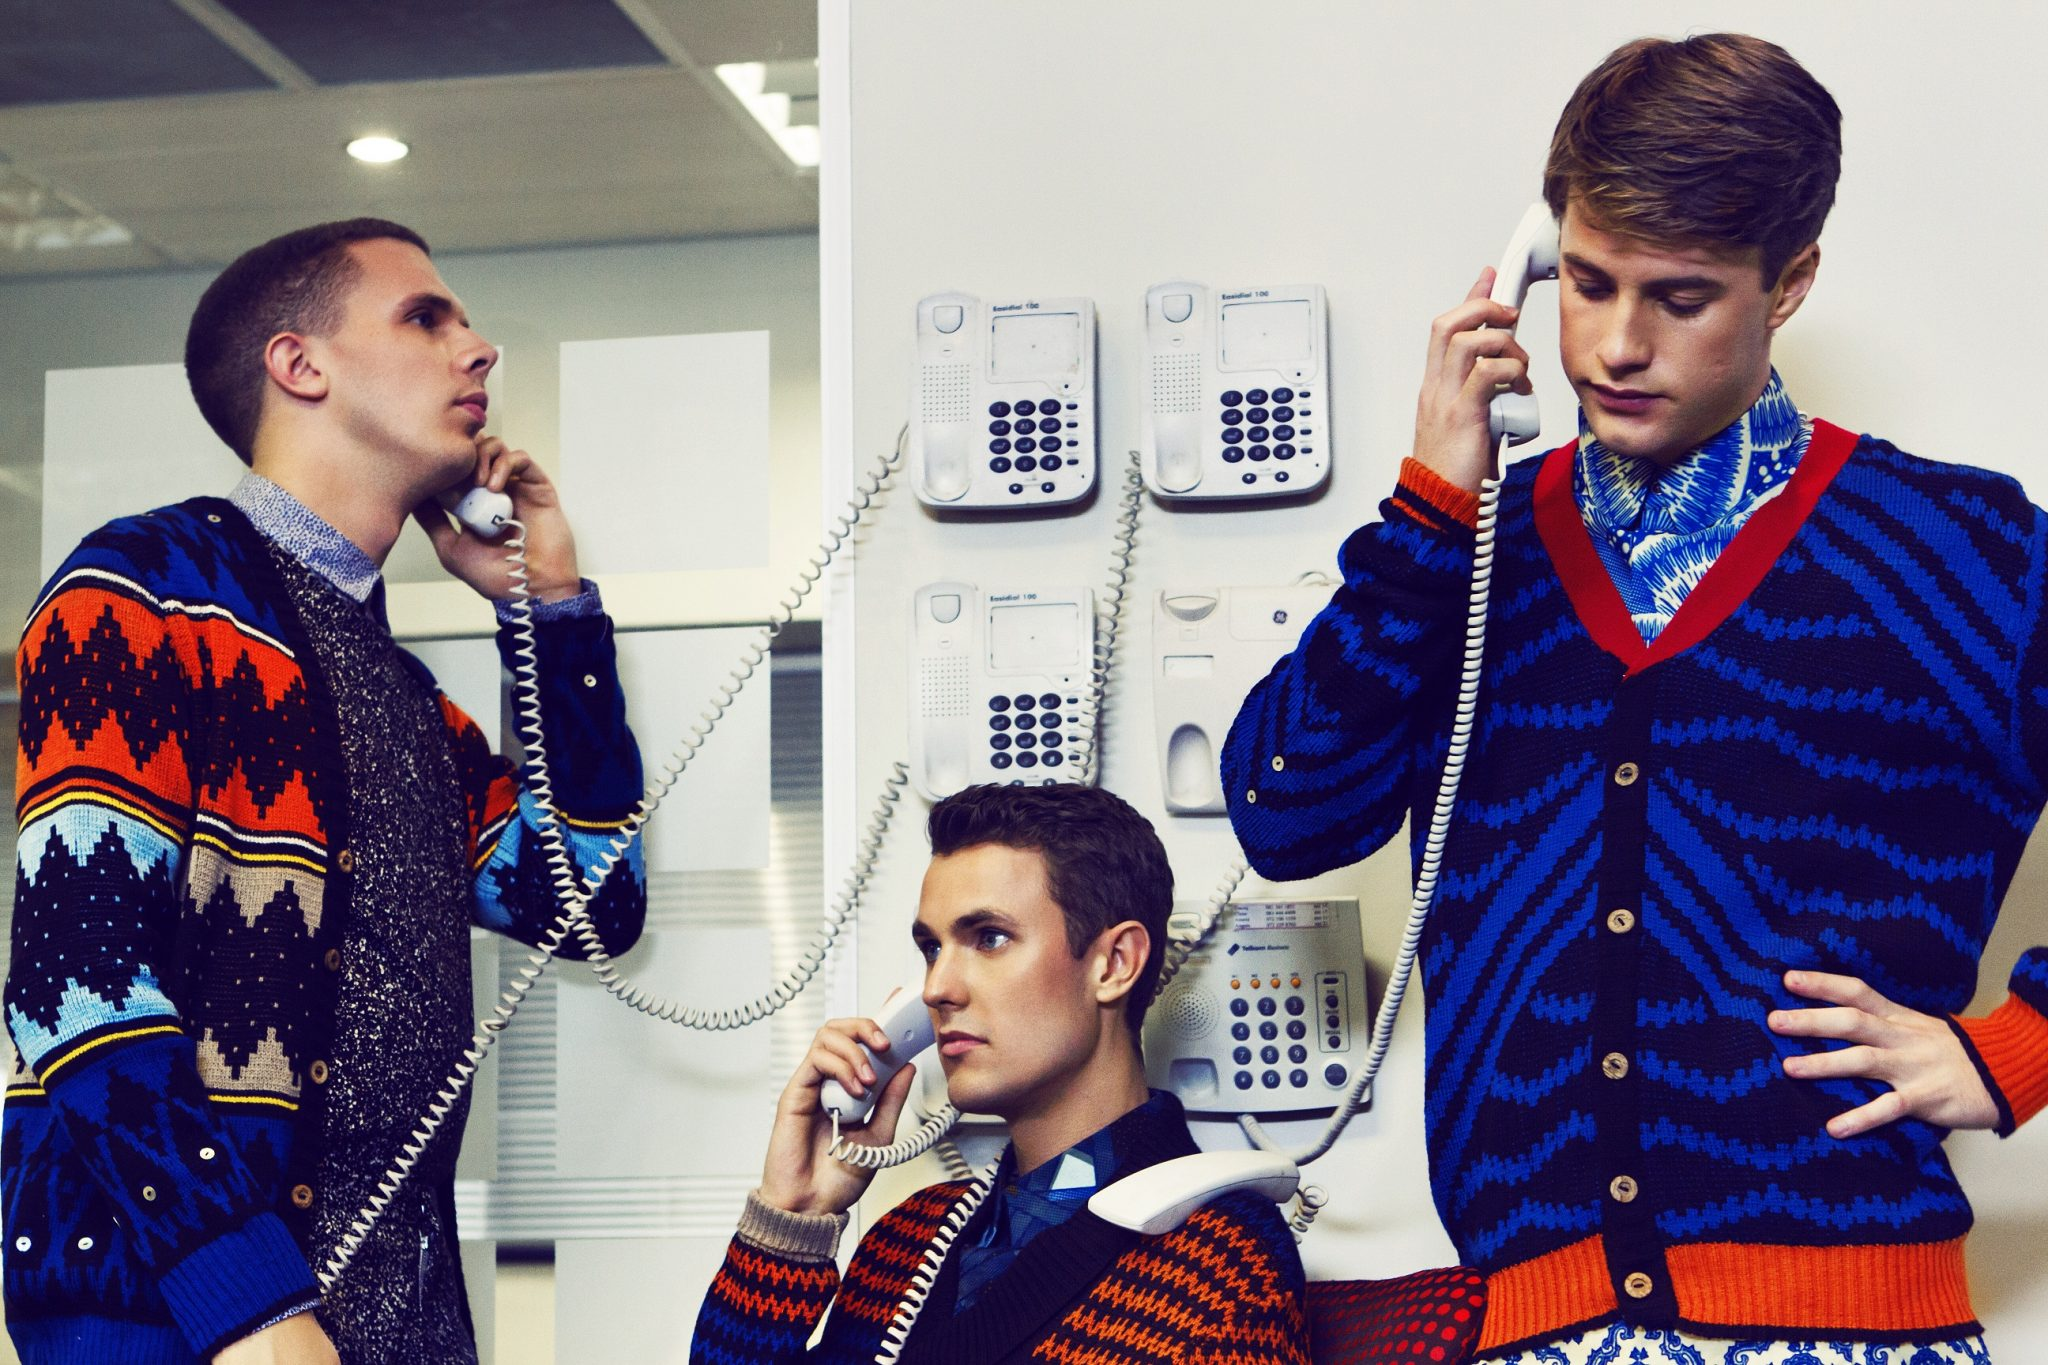 Beatenberg-Promo-with-phones